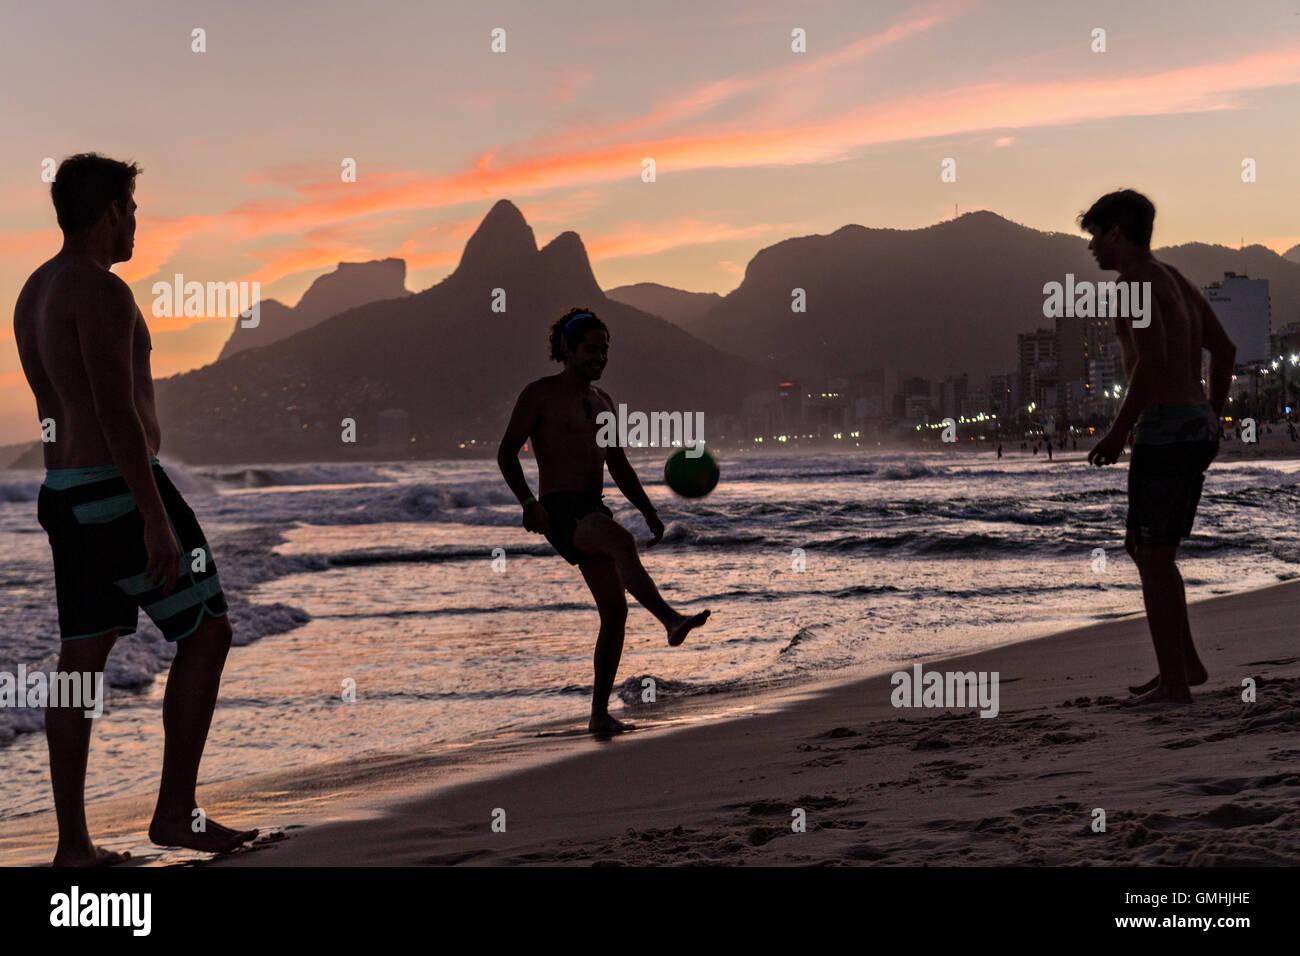 Giovani uomini giocare a calcio sulla spiaggia di Ipanema stagliano dal tramonto con il fratello di due montagne Immagini Stock